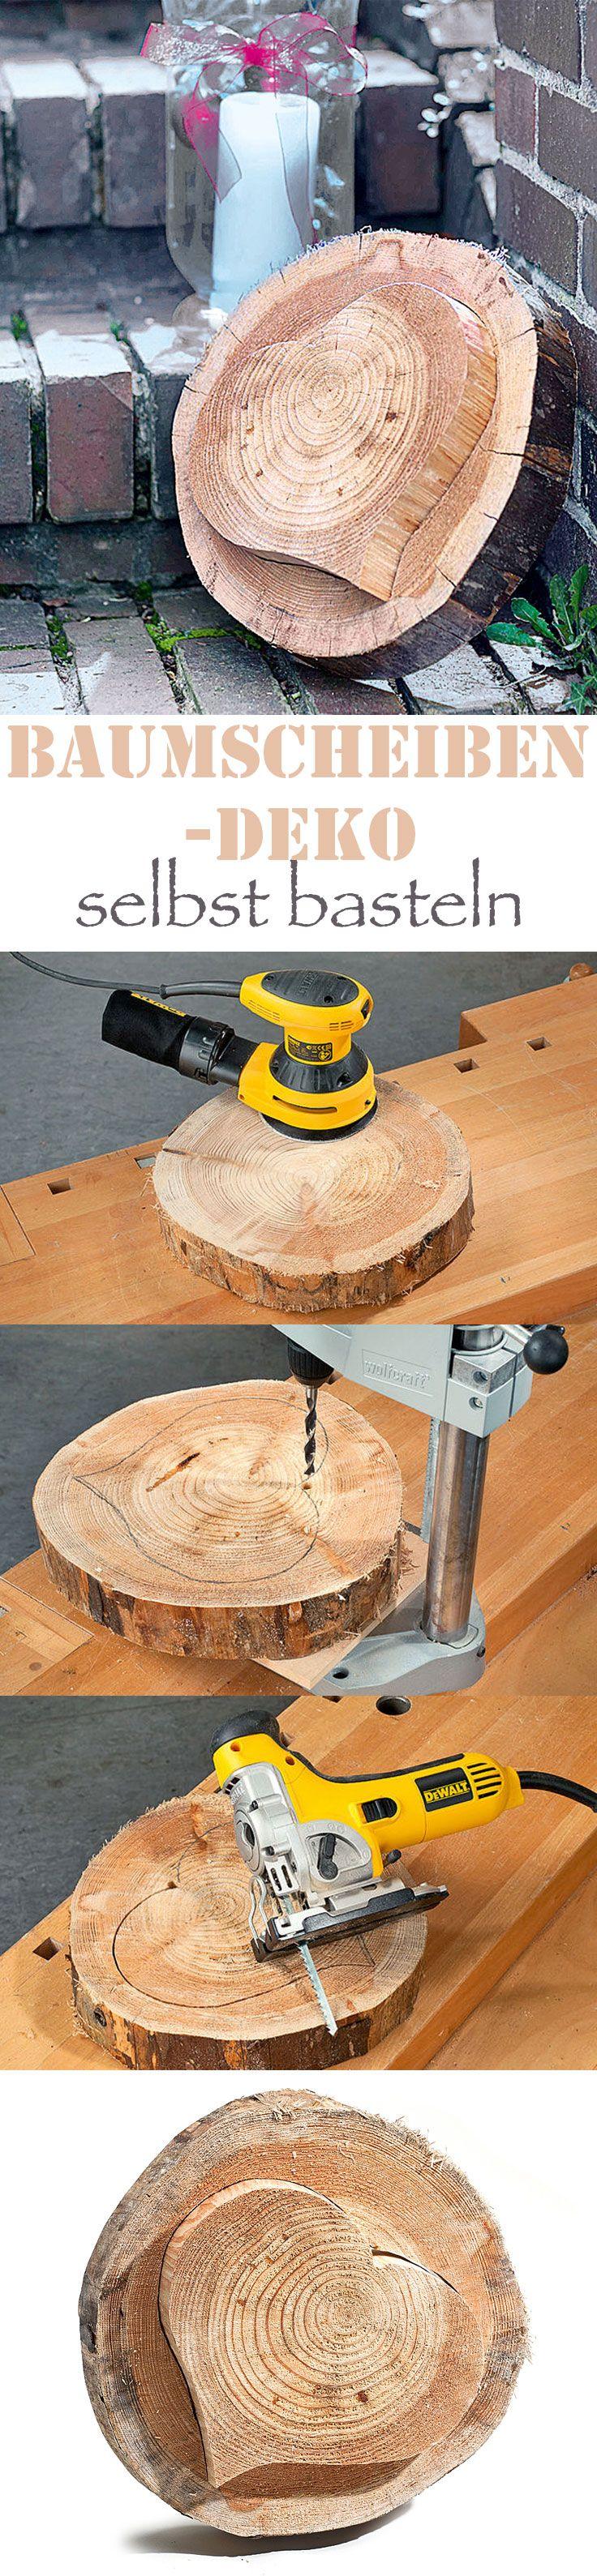 Basteln Mit Baumscheiben Woods Woodworking And Wood